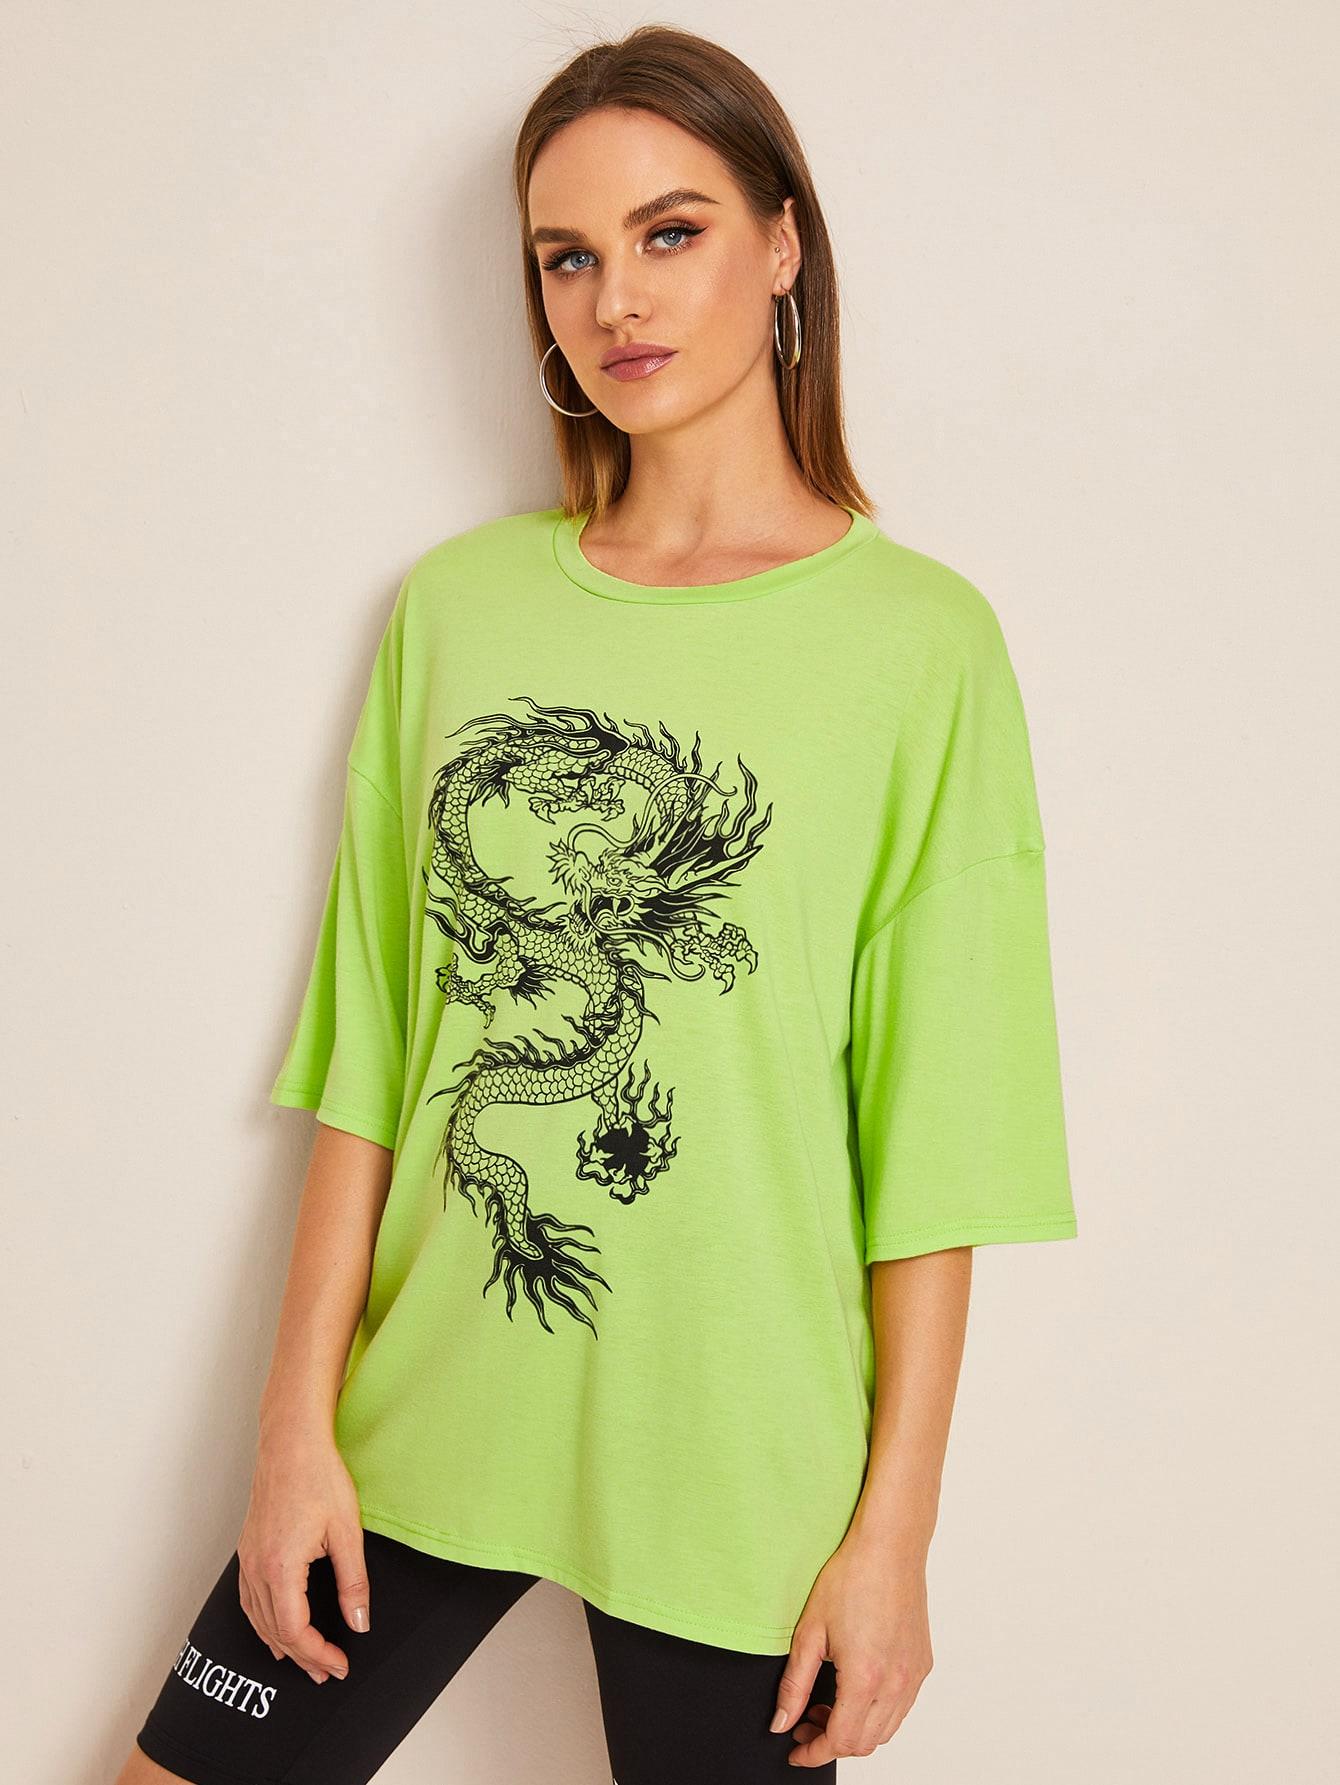 Neon Grün T-Shirt mit Drachen Muste | SHEIN